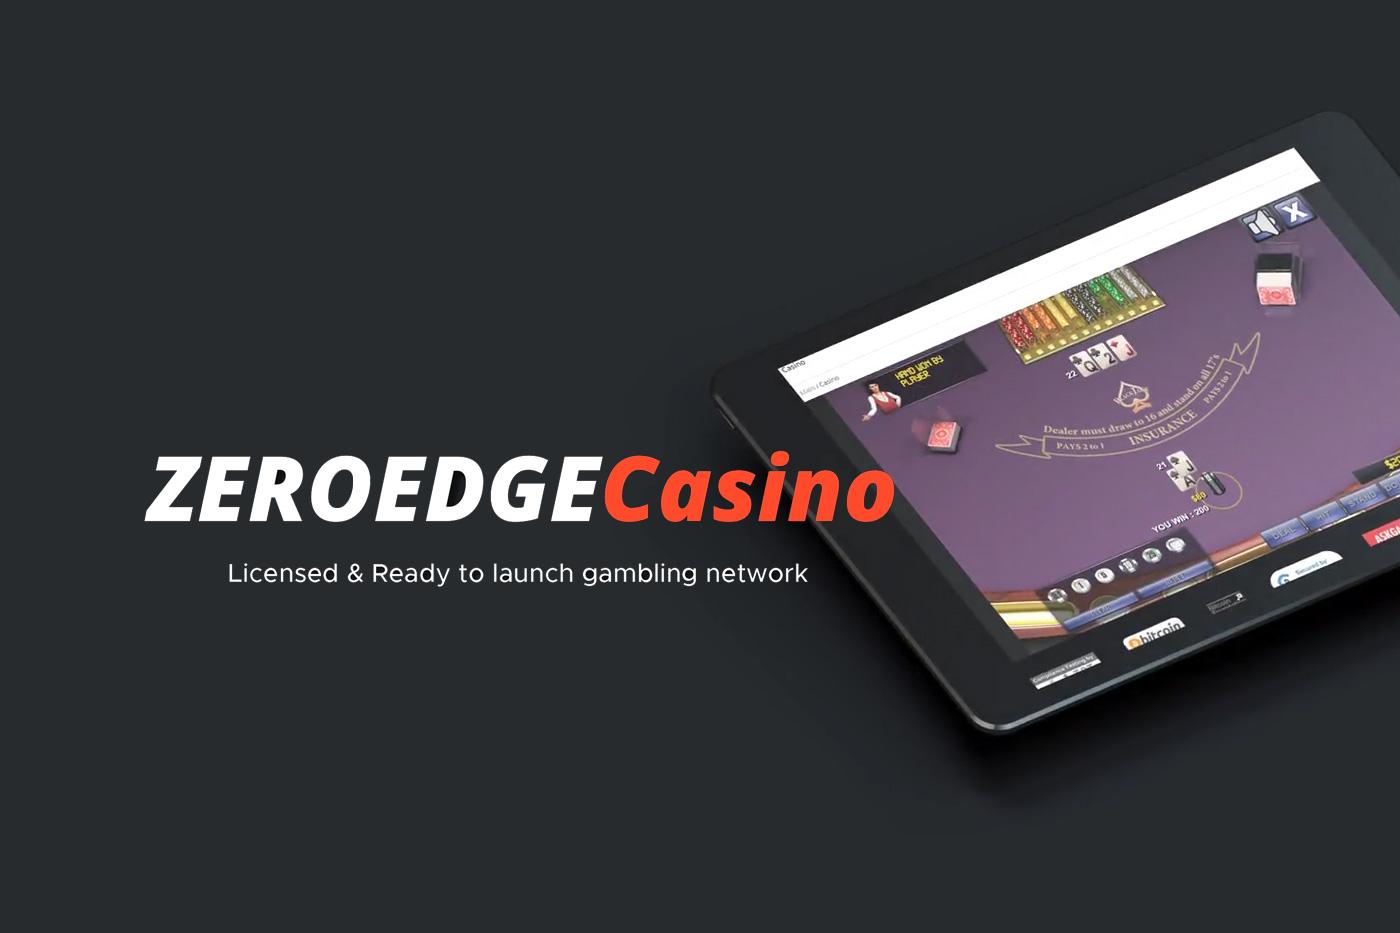 В популярном онлайн-казино можно получать выигрыш в криптовалюте